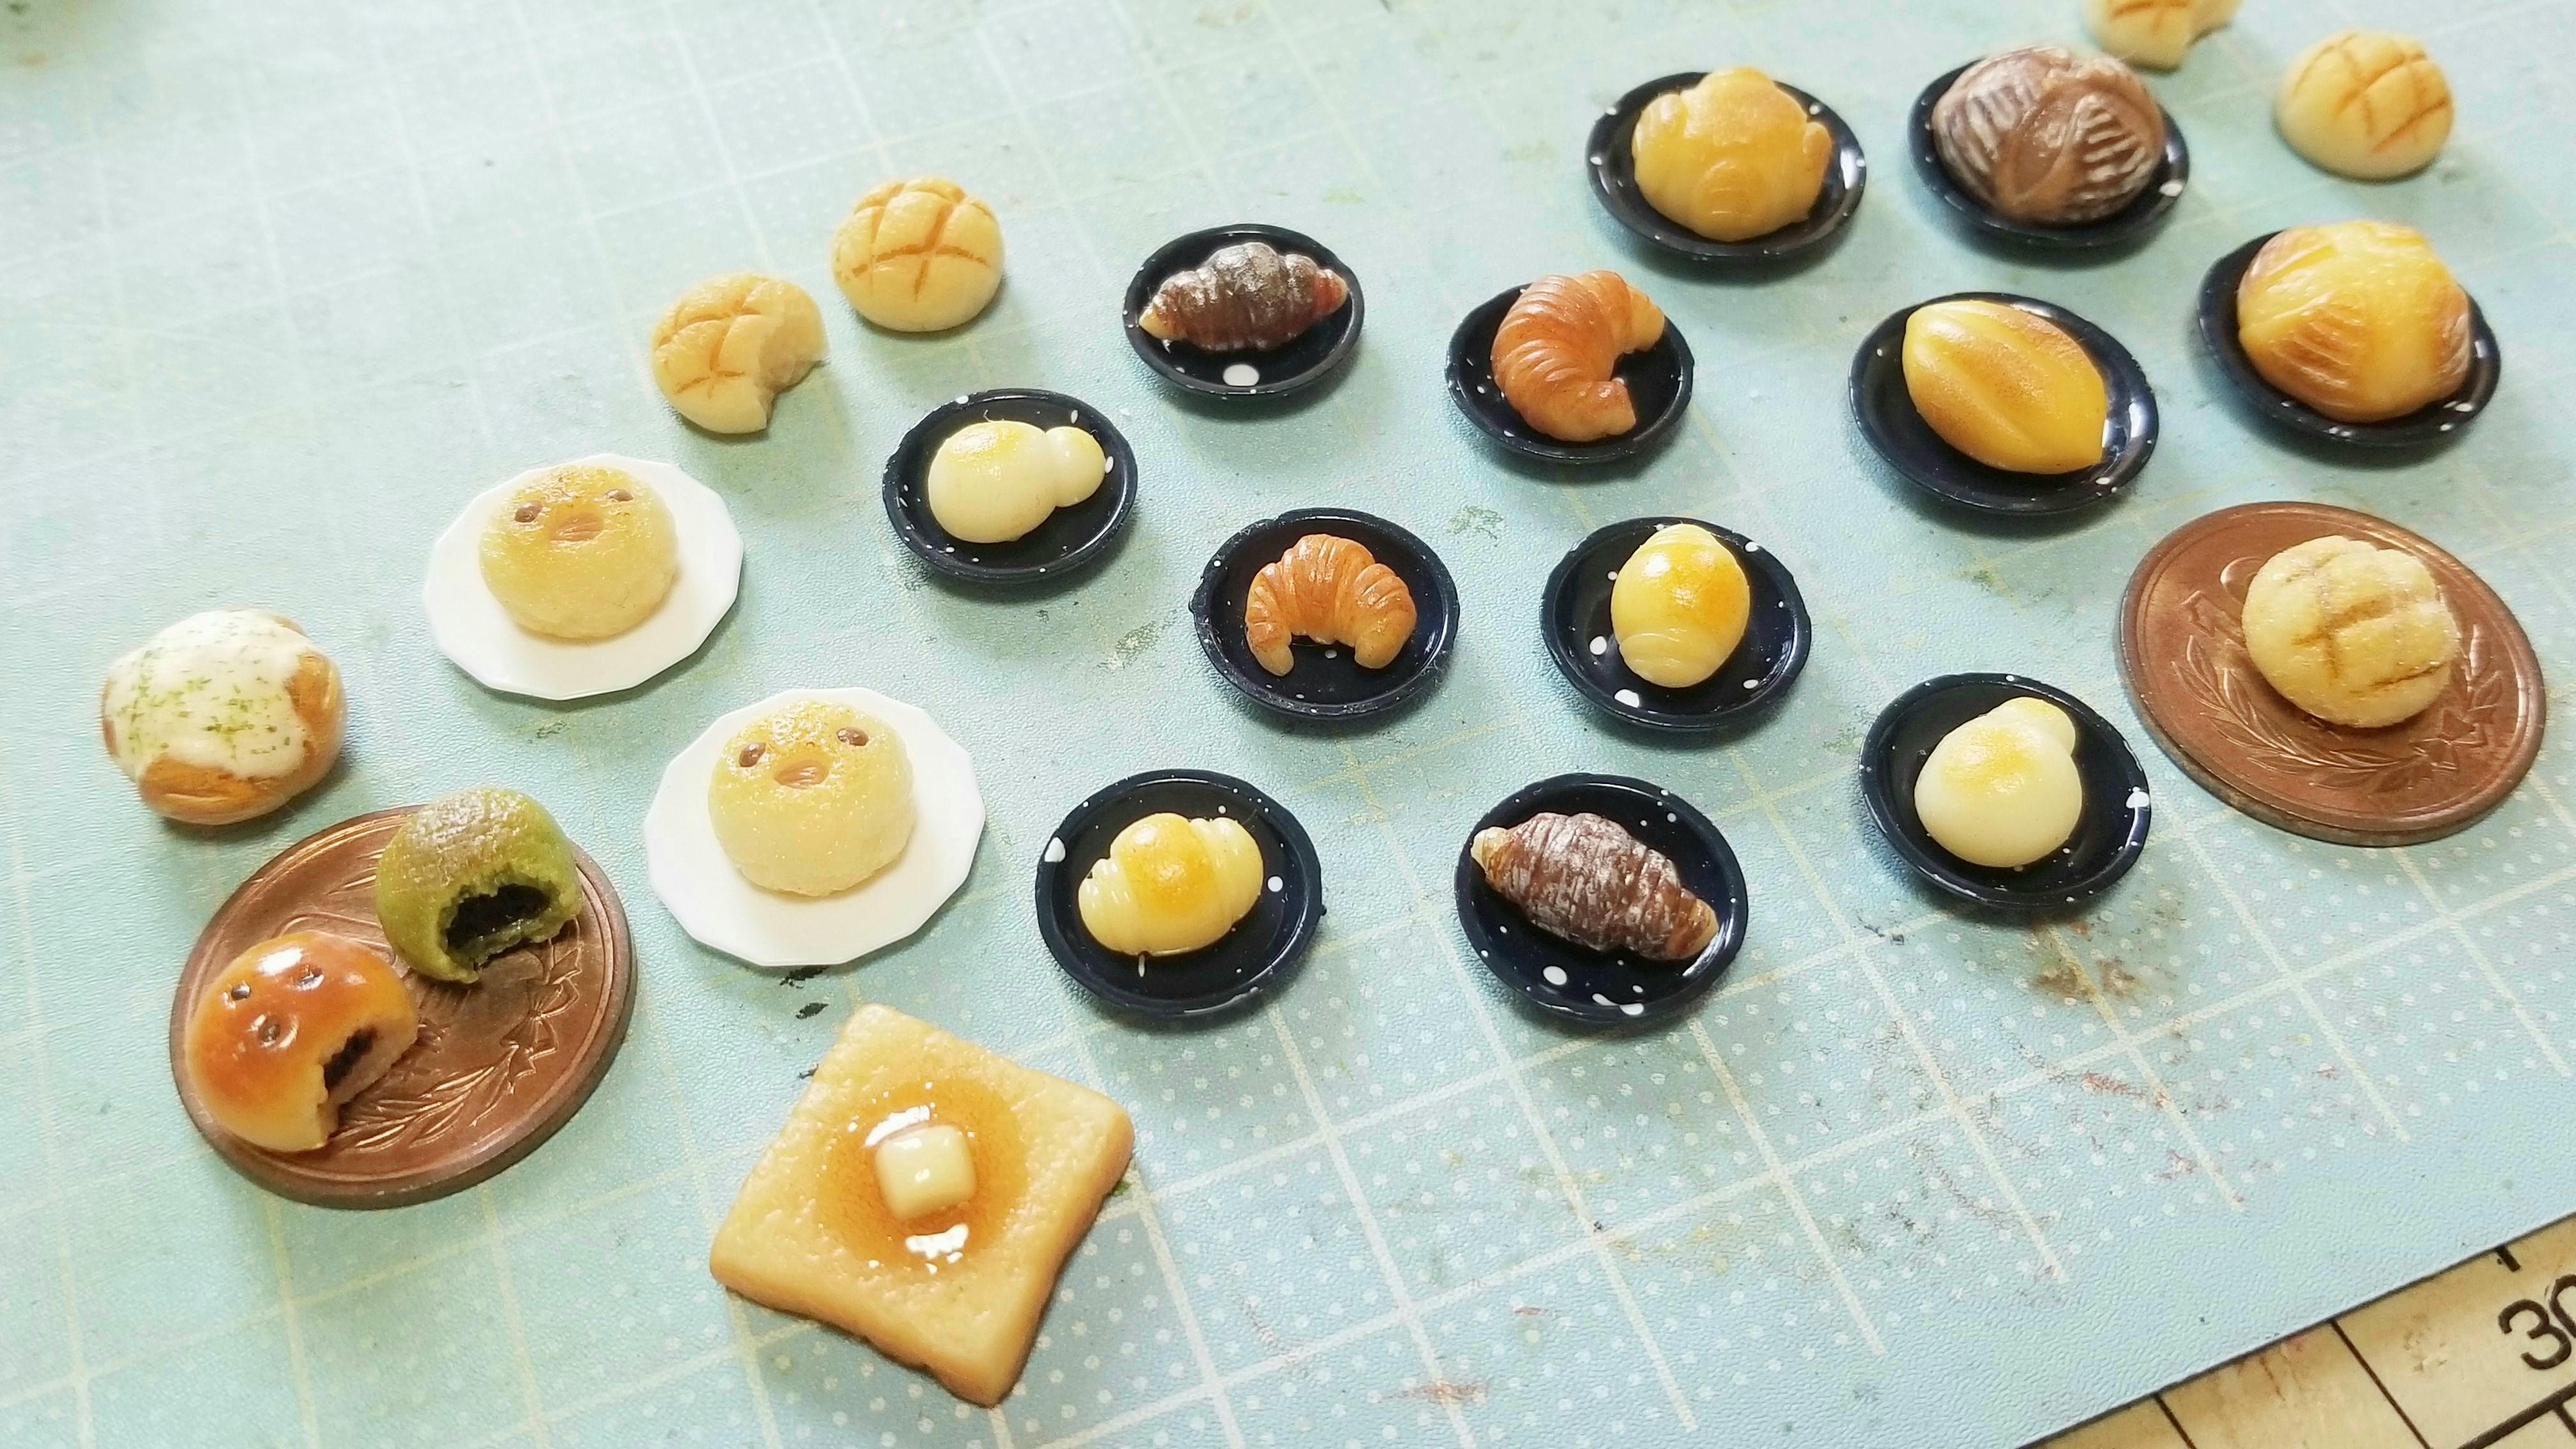 ミニチュアフードの作り方樹脂粘土ハンドメイドイベントミンネ販売中